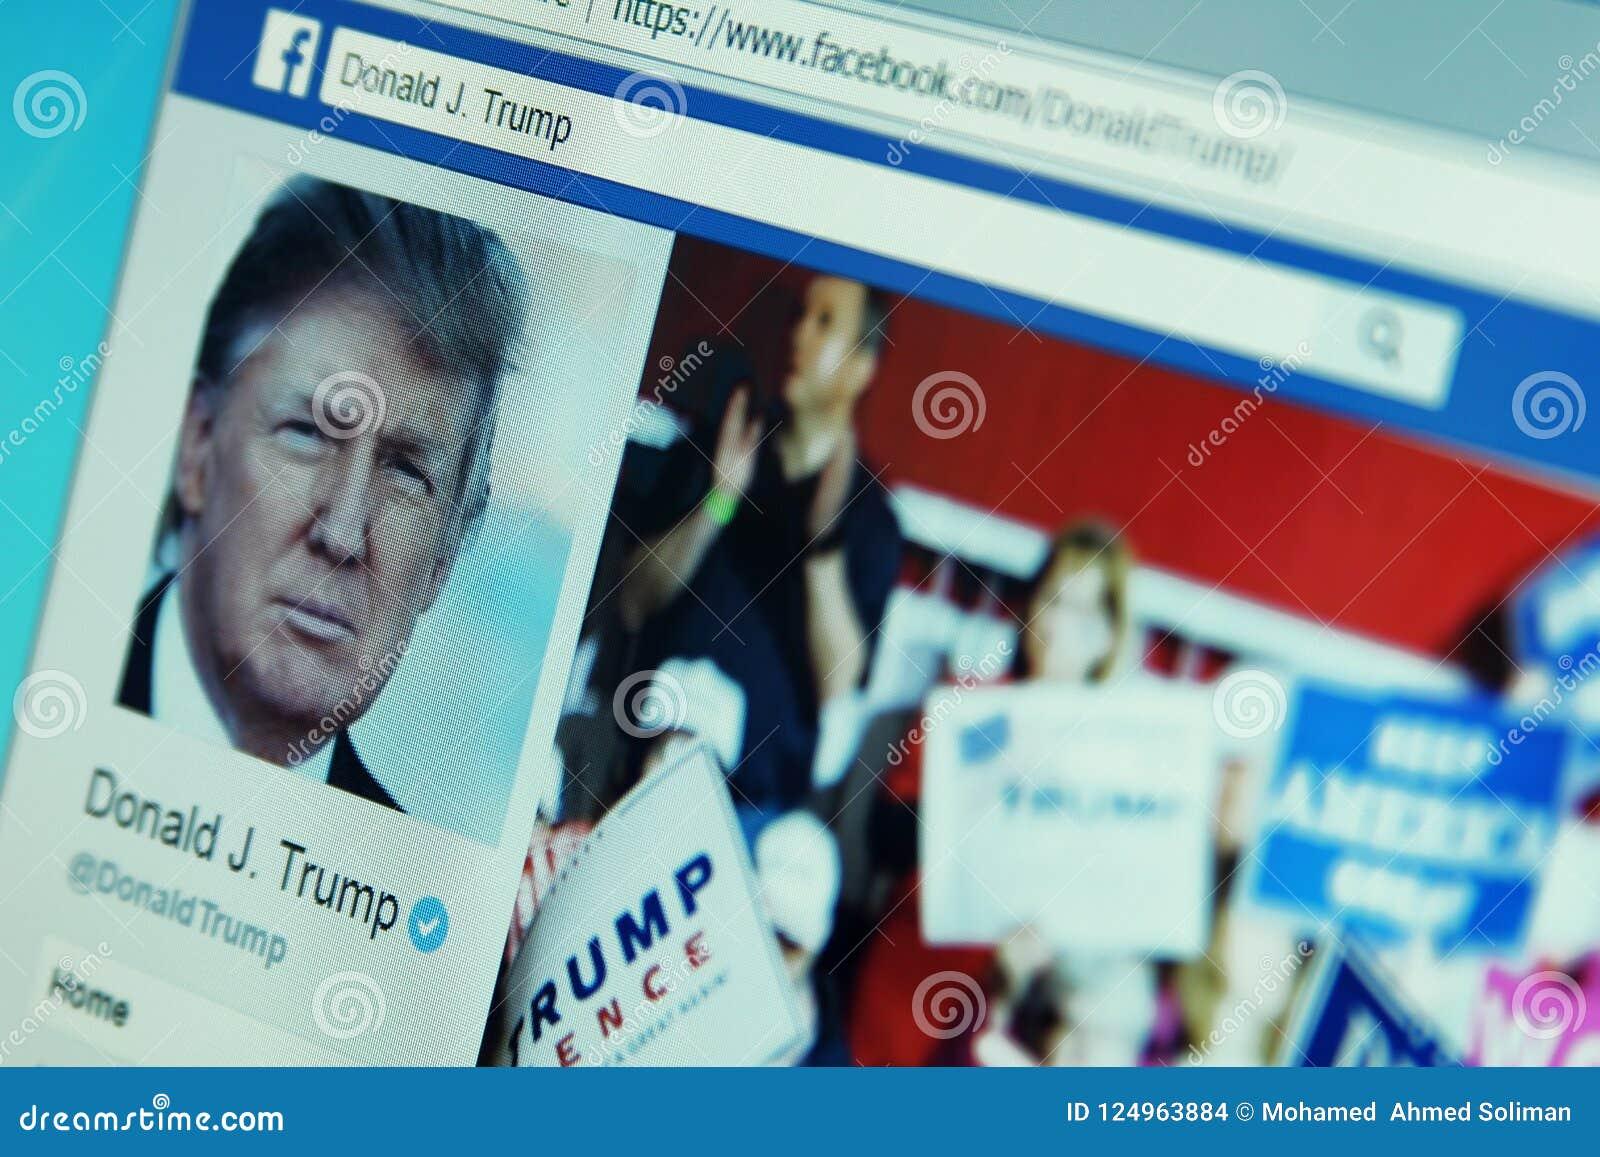 Page de facebook de Donald Trump